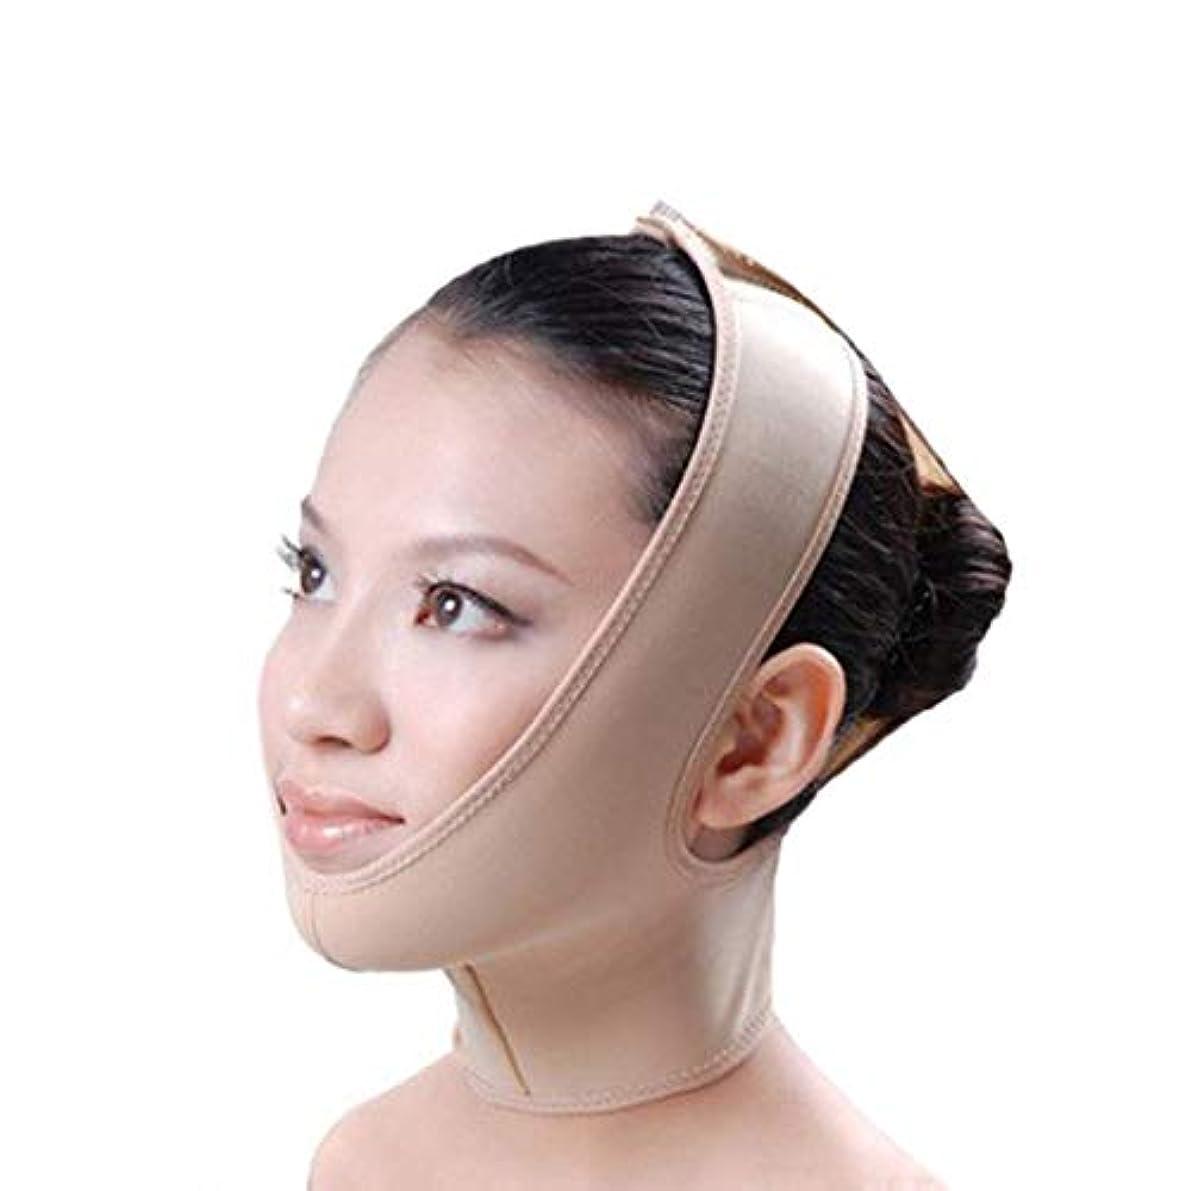 賛辞ジョージバーナードモニターフェイススリム、リフティングマスク、包帯リフト、二重あご、引き締めフェイシャルリフト、フェイシャル減量マスク、リフティングスキン包帯(サイズ:XL),L